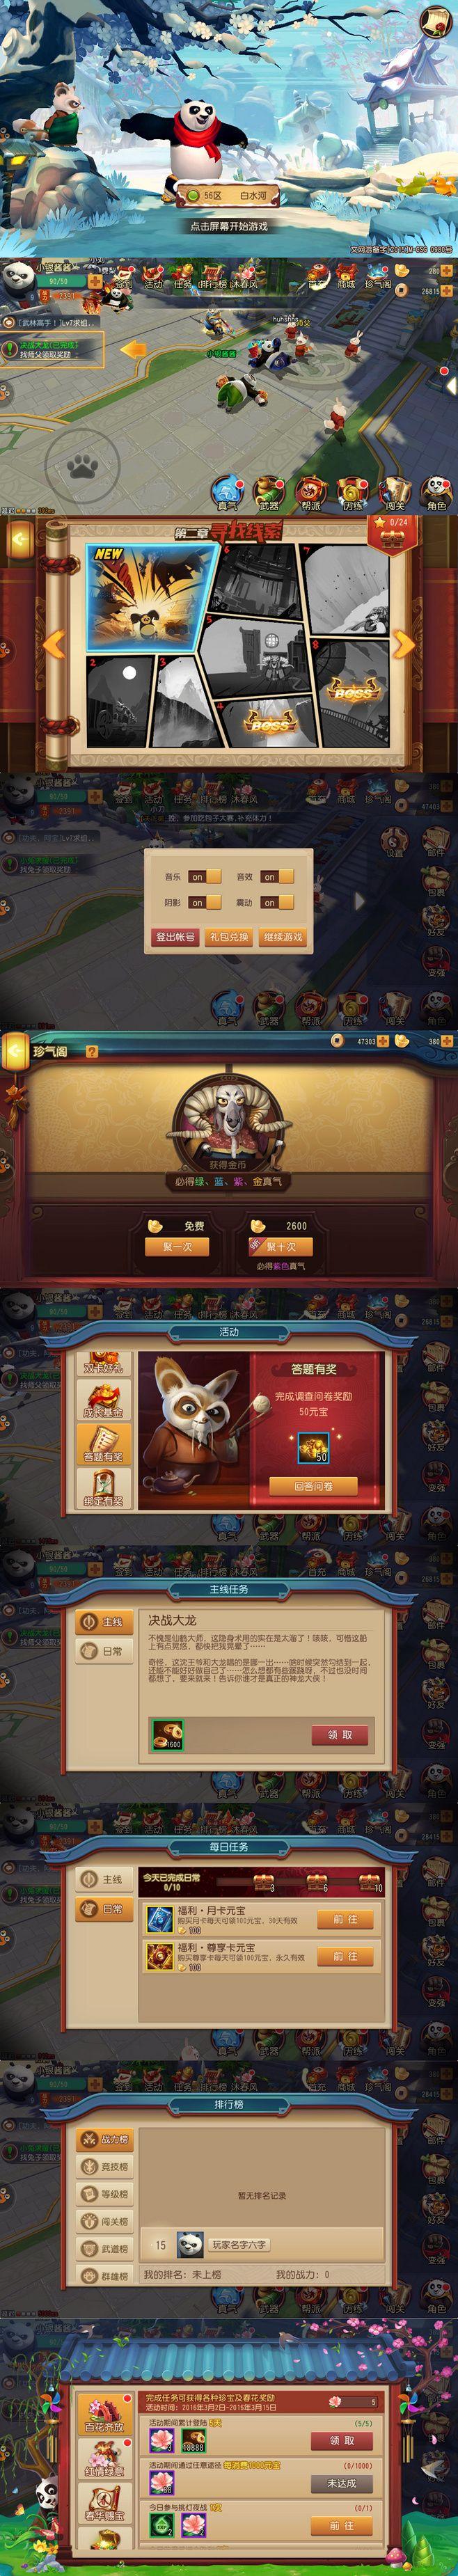 功夫熊猫1 #Android# #iOS...